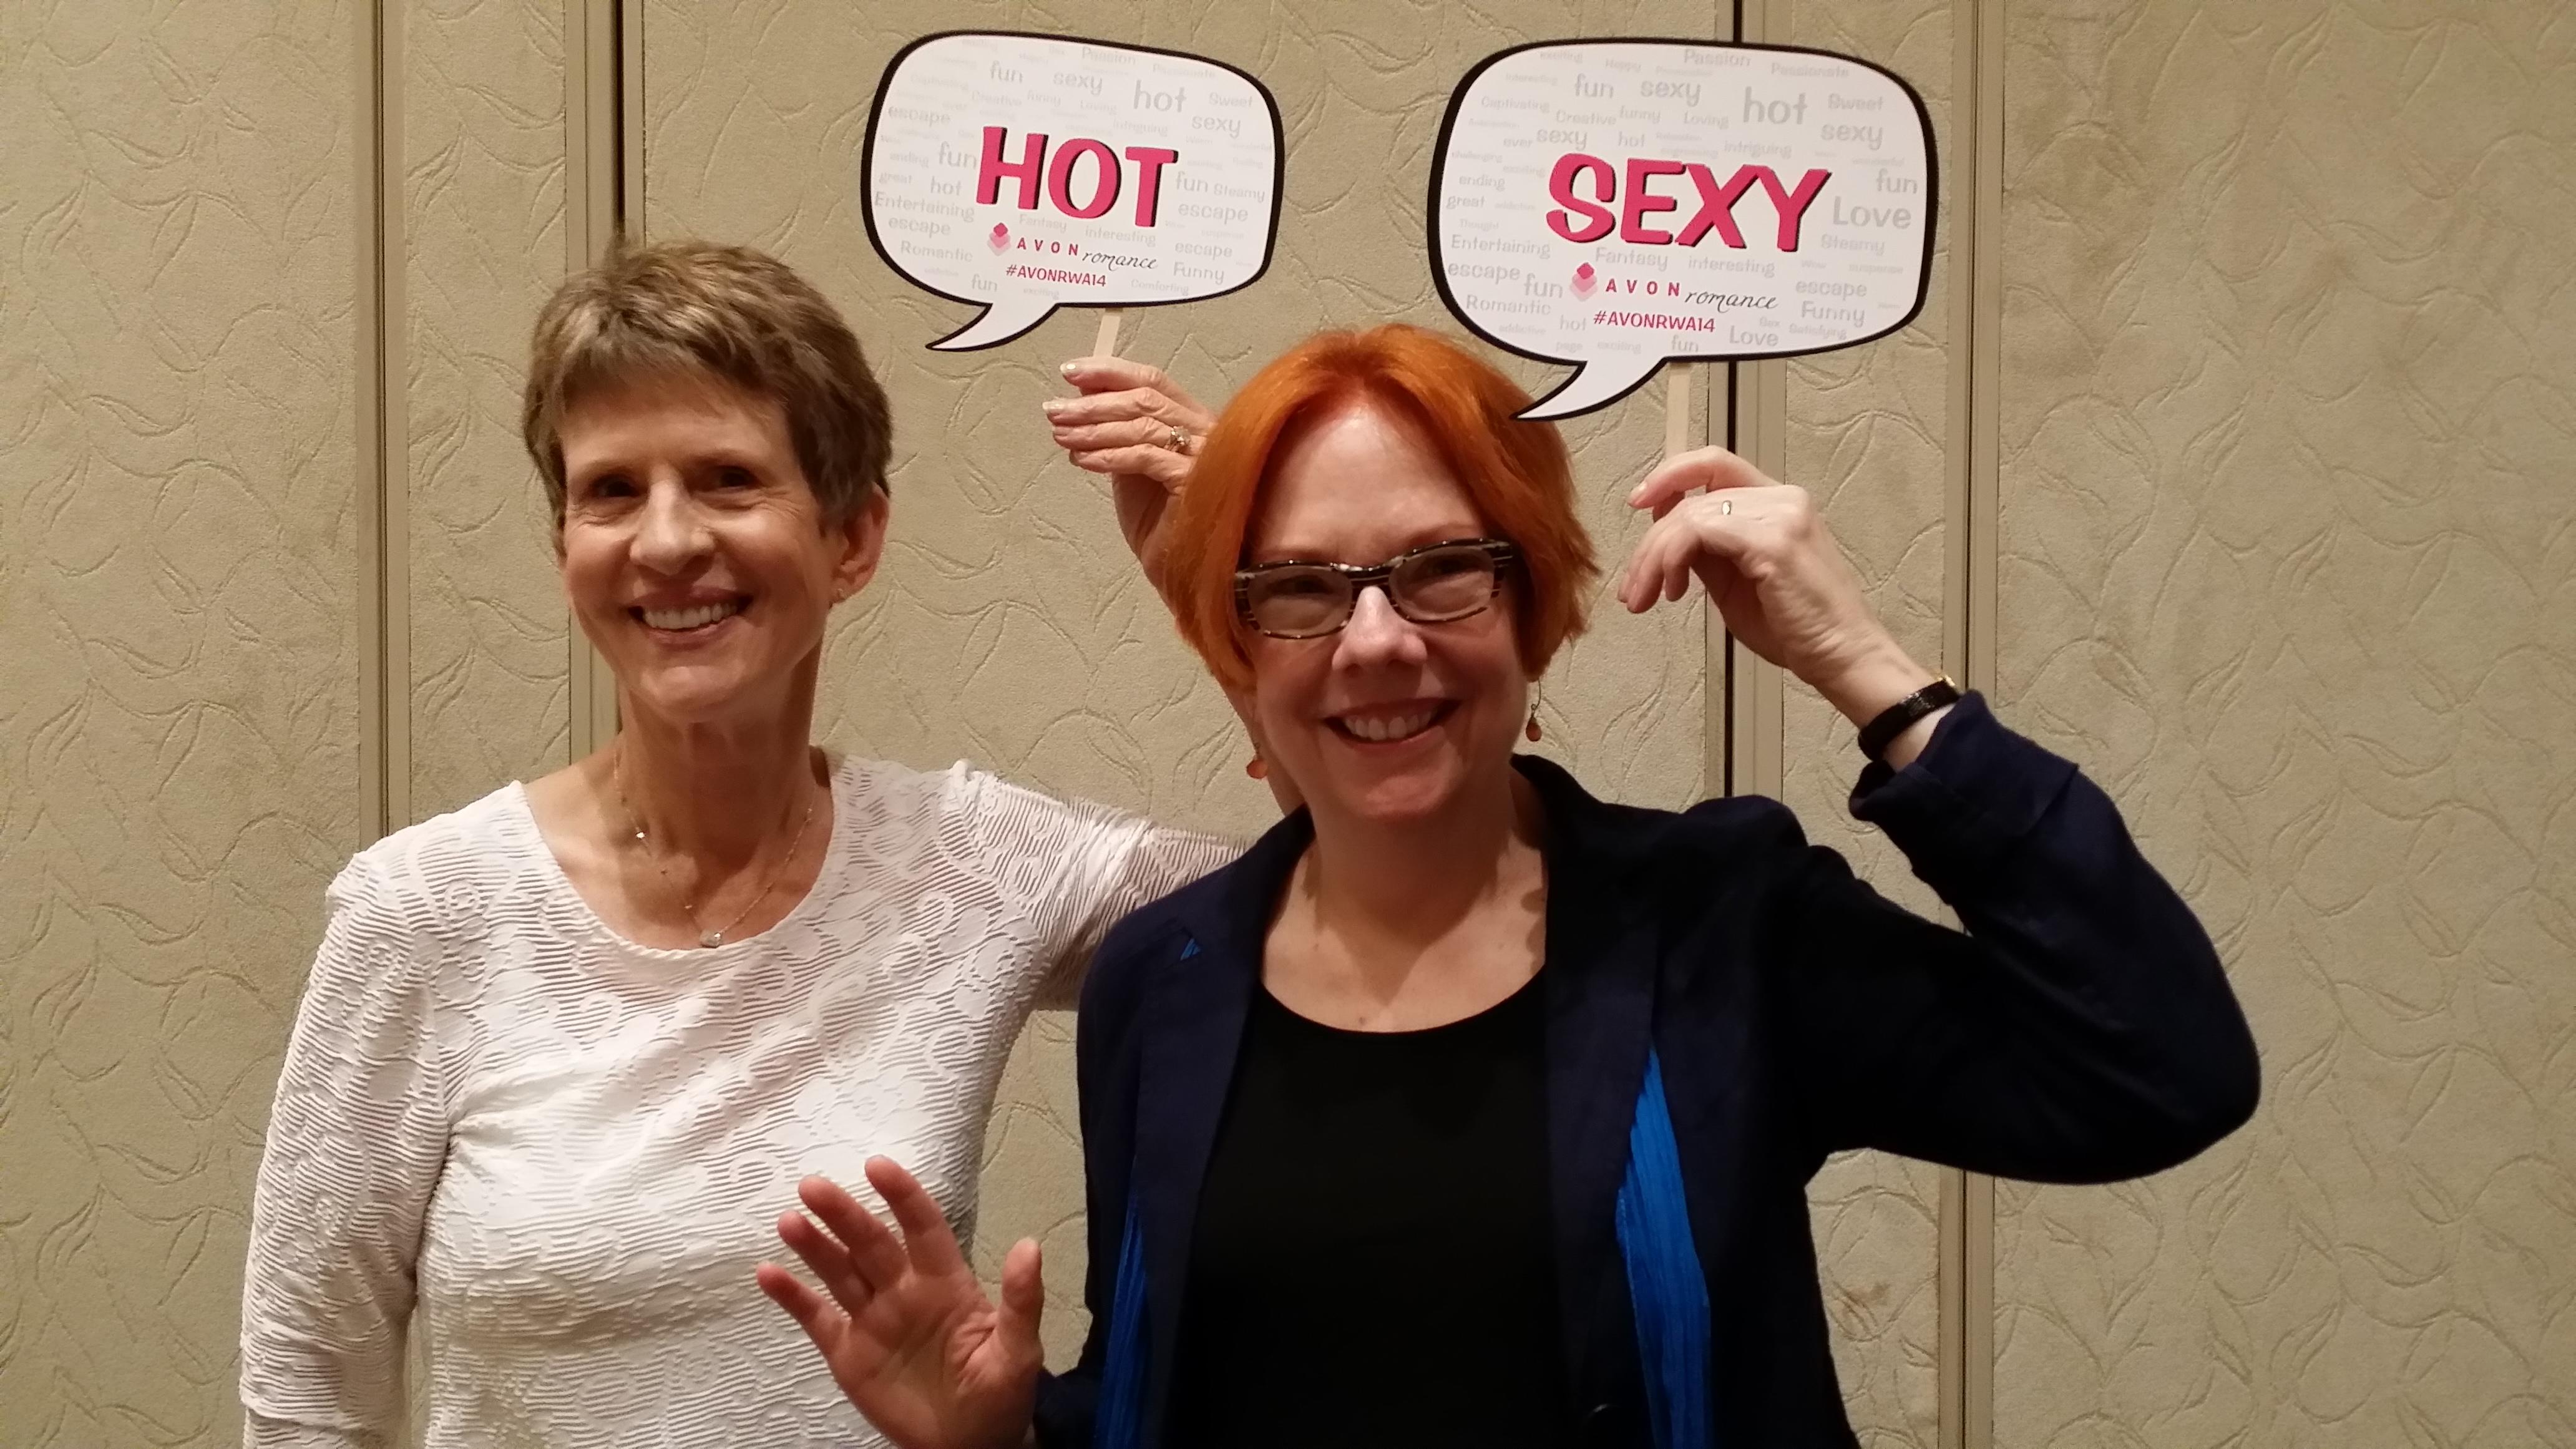 Susan Phillips, Jayne Ann Krentz